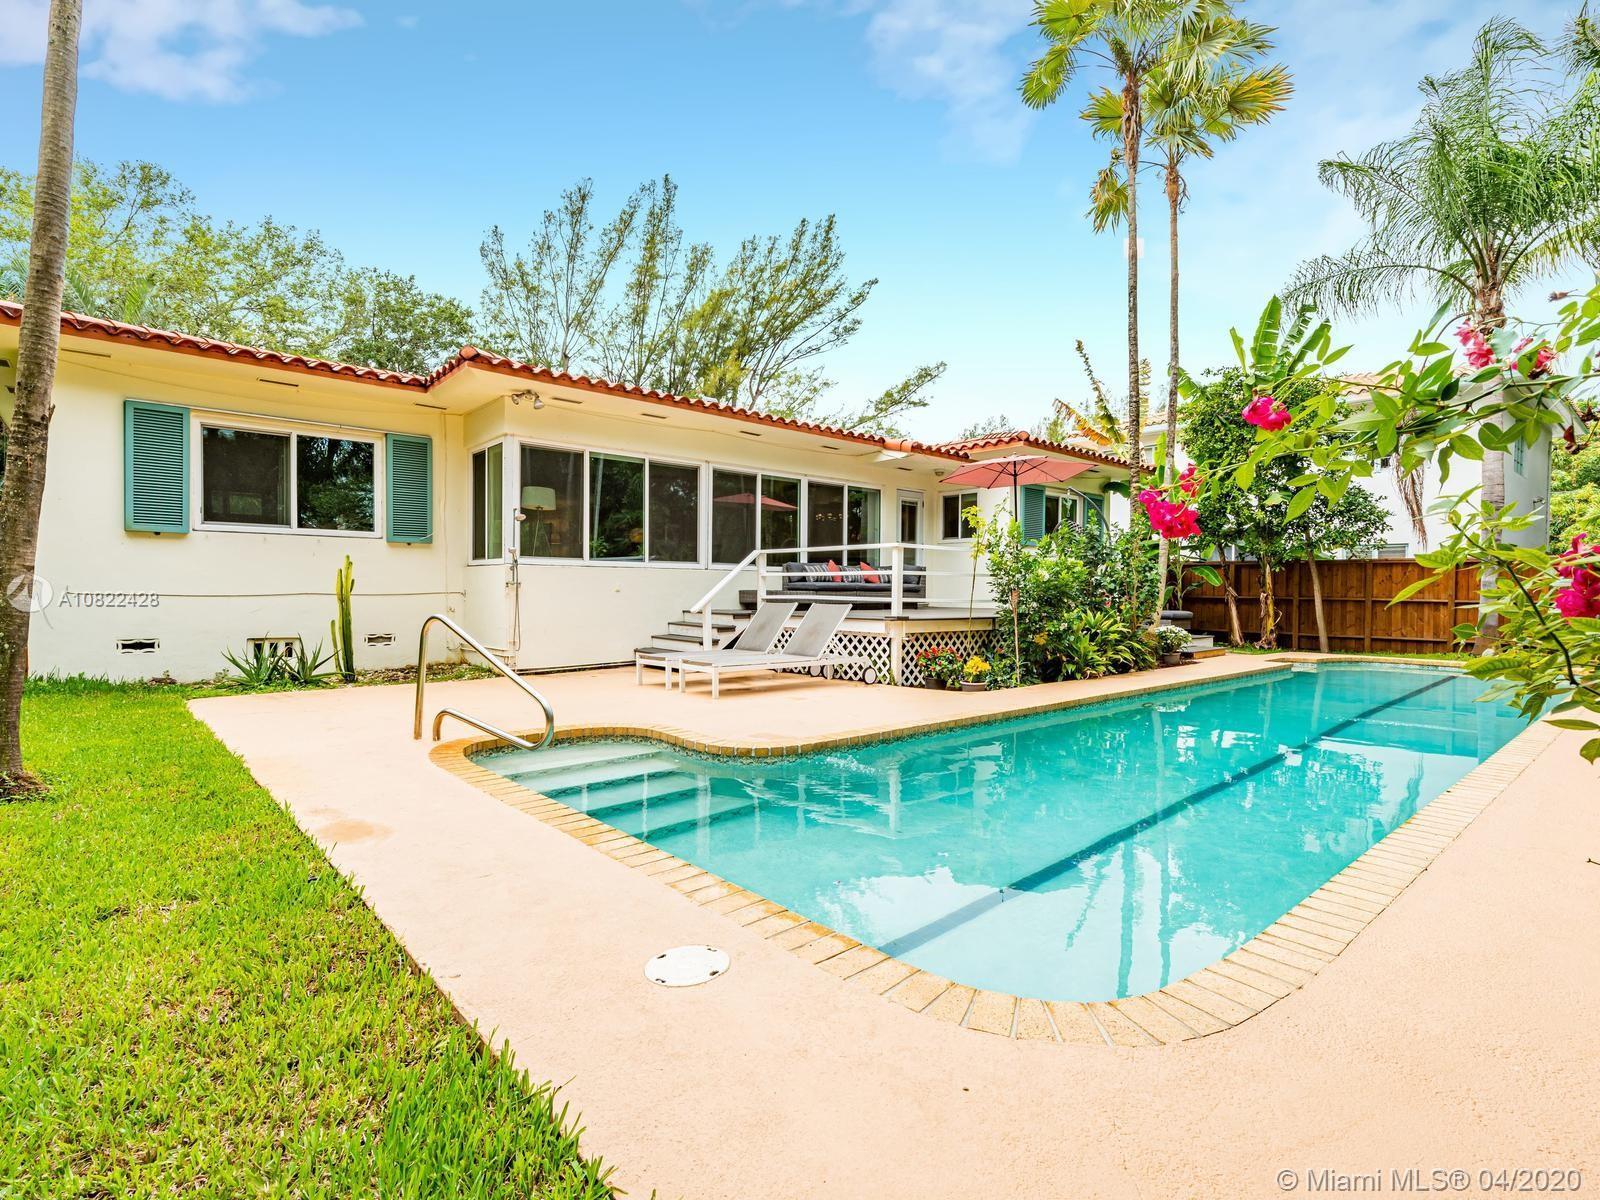 711 NE 118 St, Biscayne Park, FL 33161 - Biscayne Park, FL real estate listing